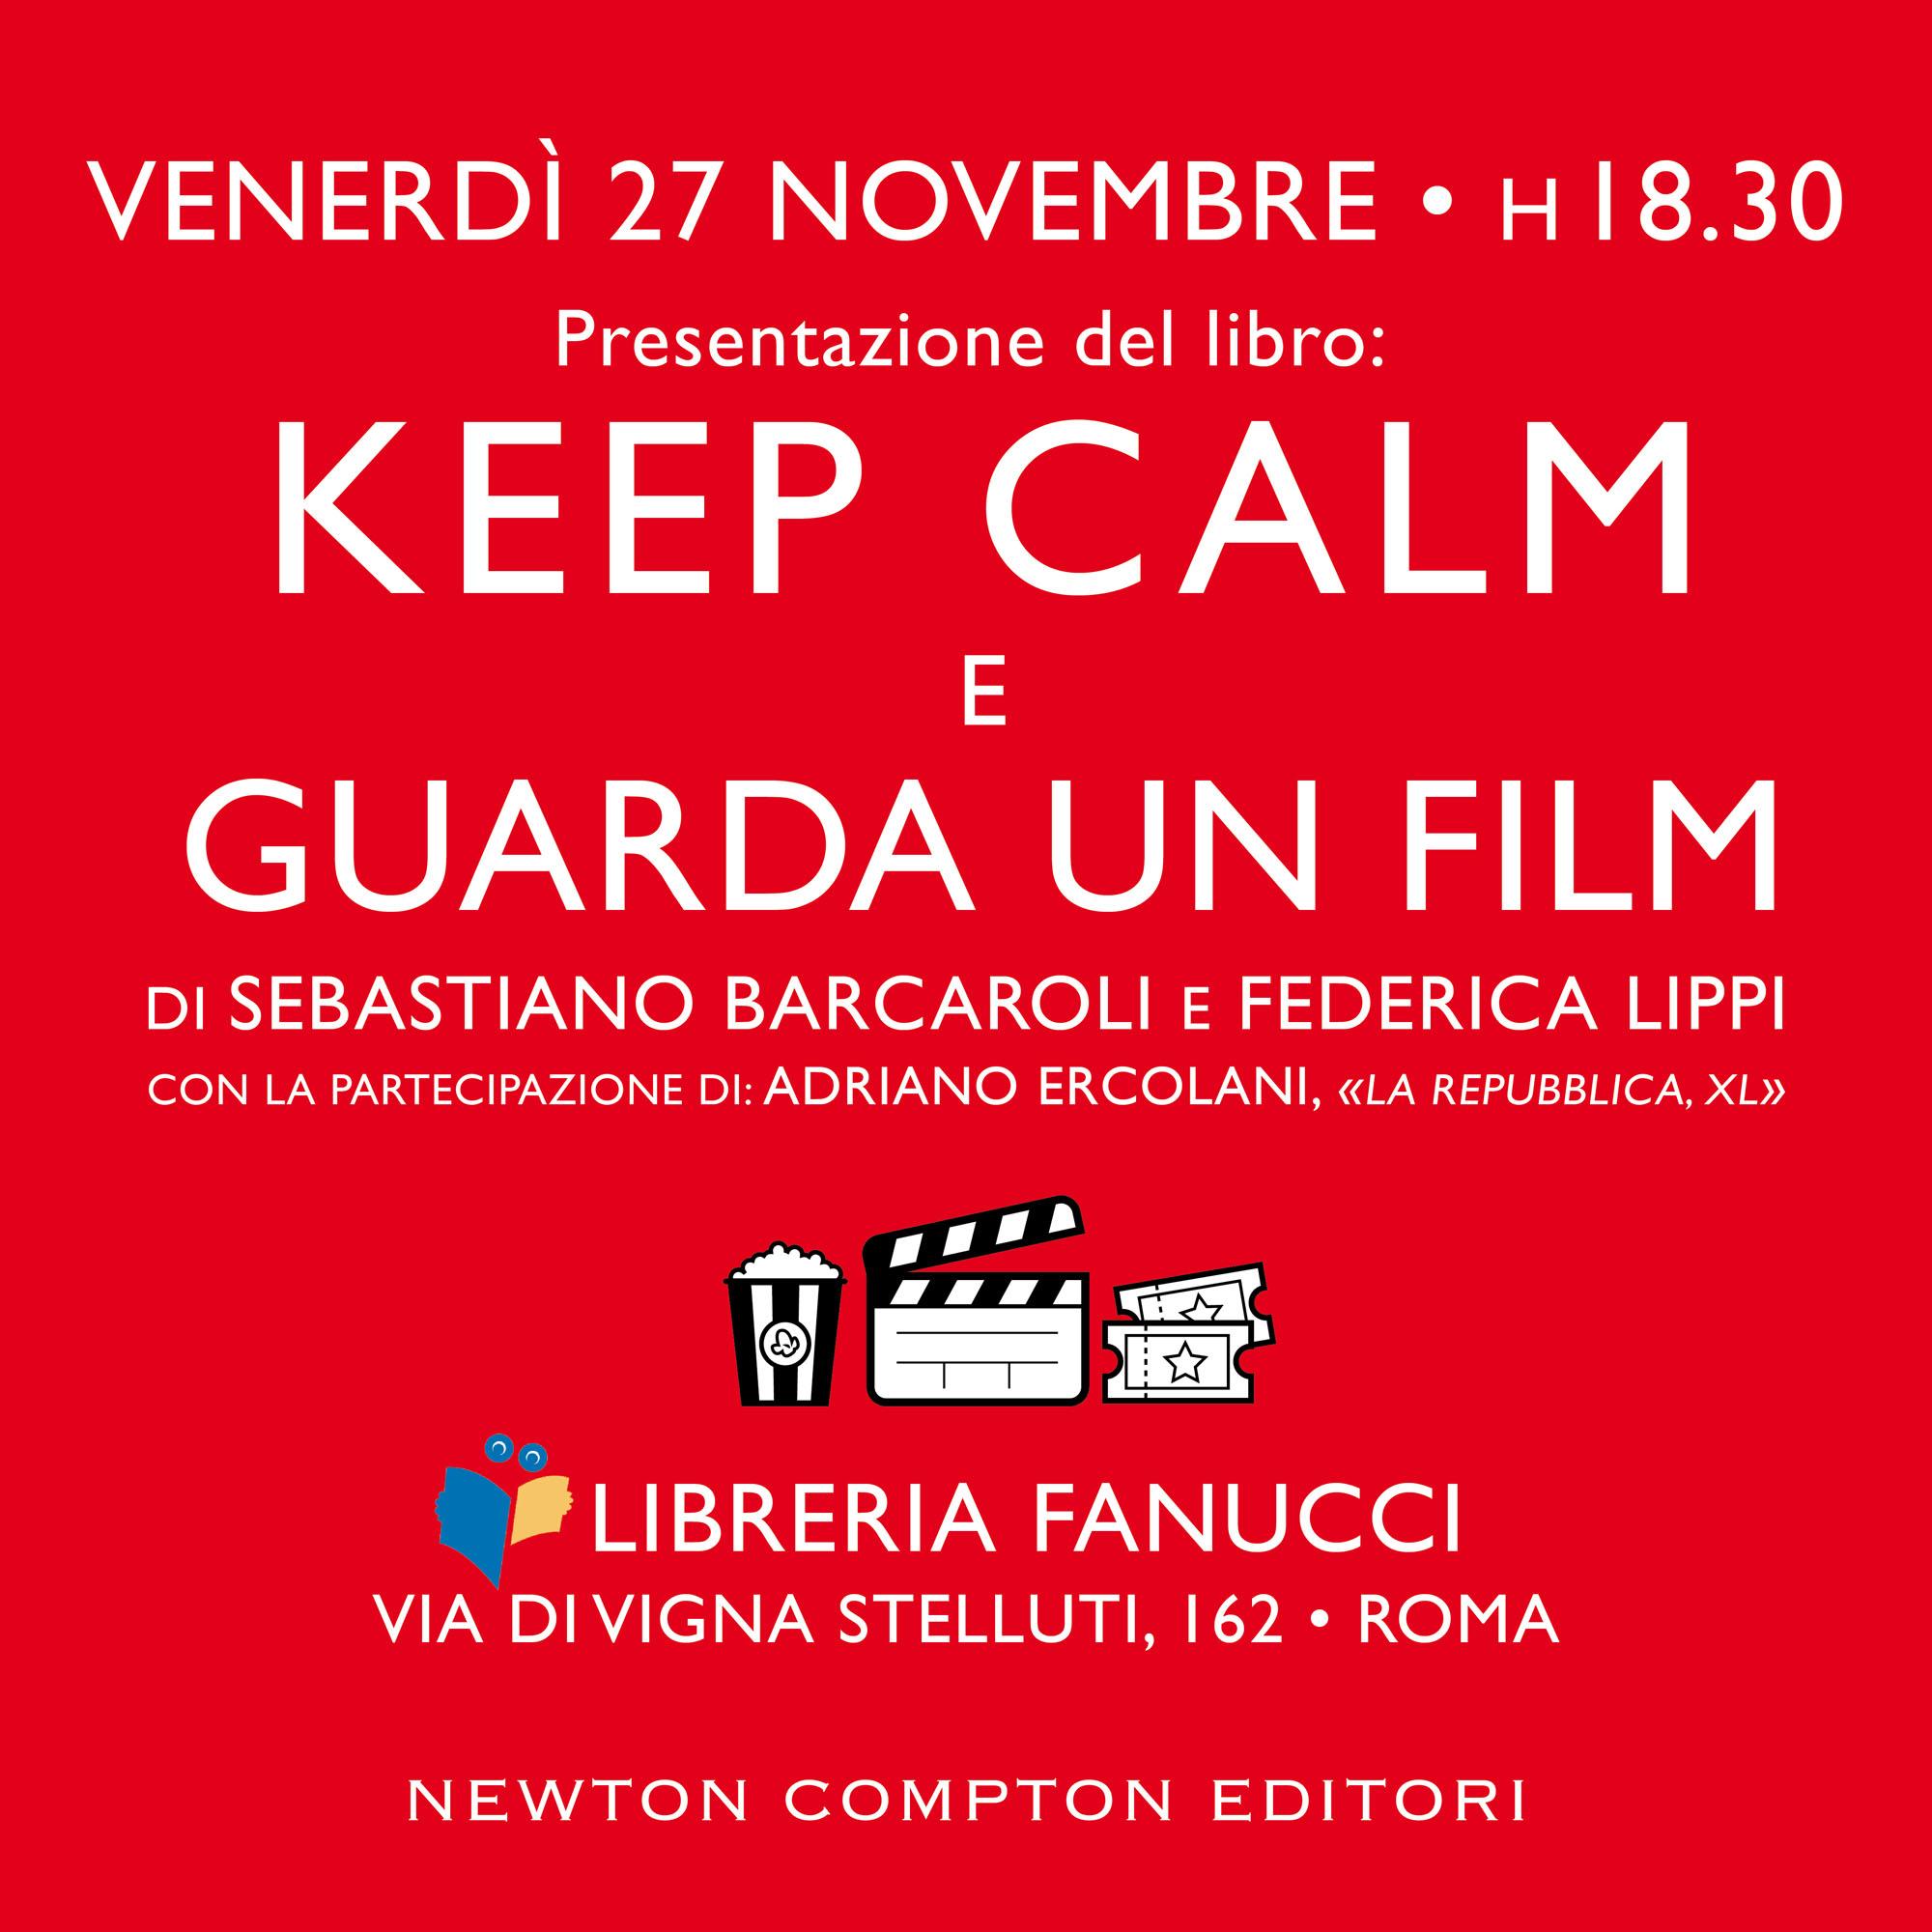 KEEP CALM E GUARDA UN FILM presentazione27